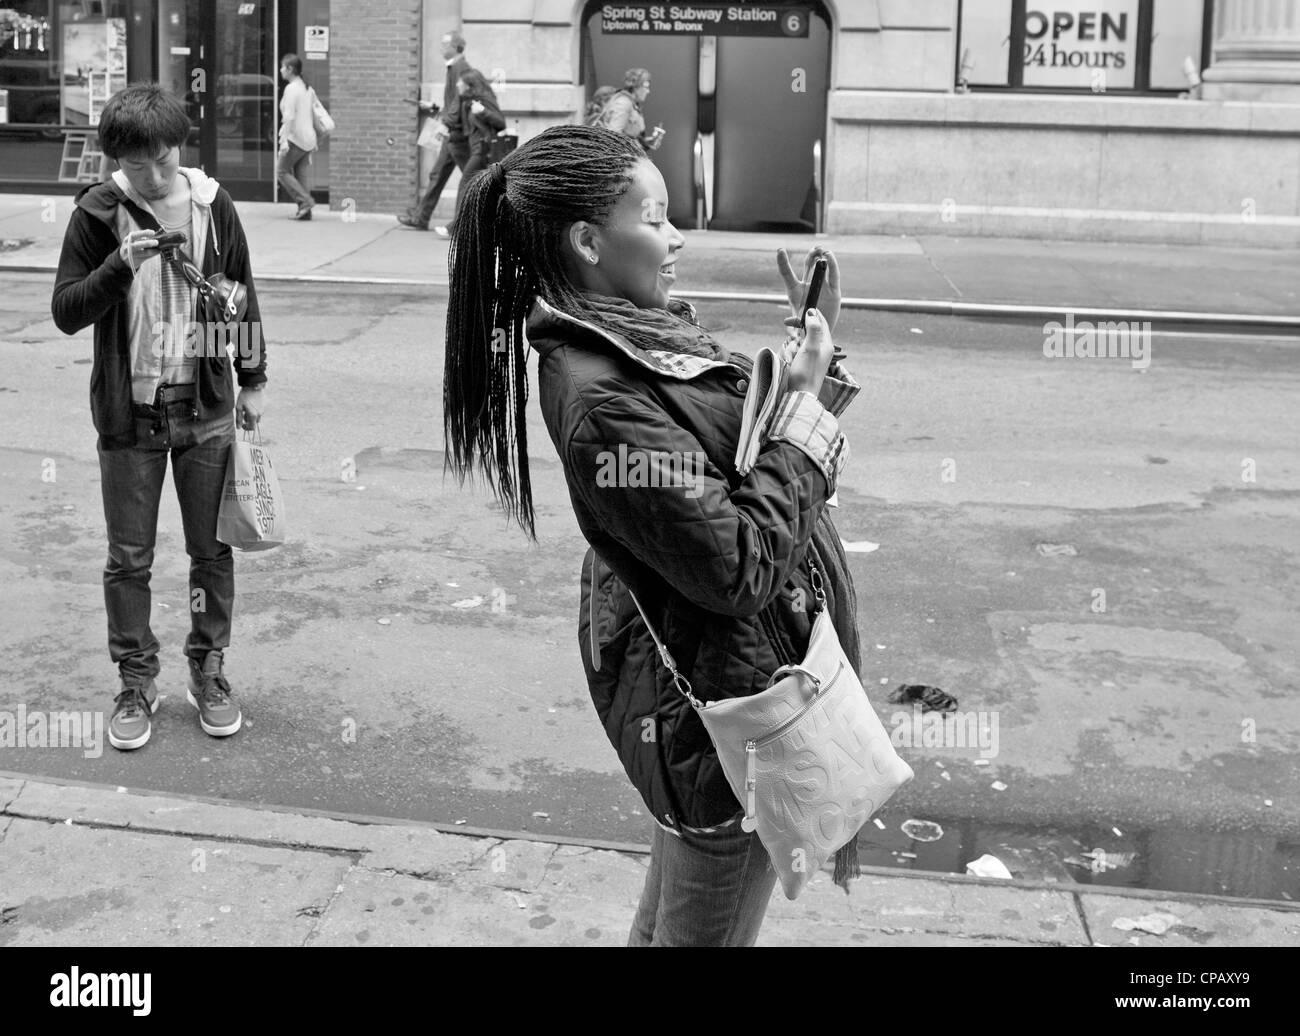 Eine Frau benutzt ihr Handy ein Foto zu machen, während jemand anderes sein Telefon für Nachrichten überprüft. Stockfoto